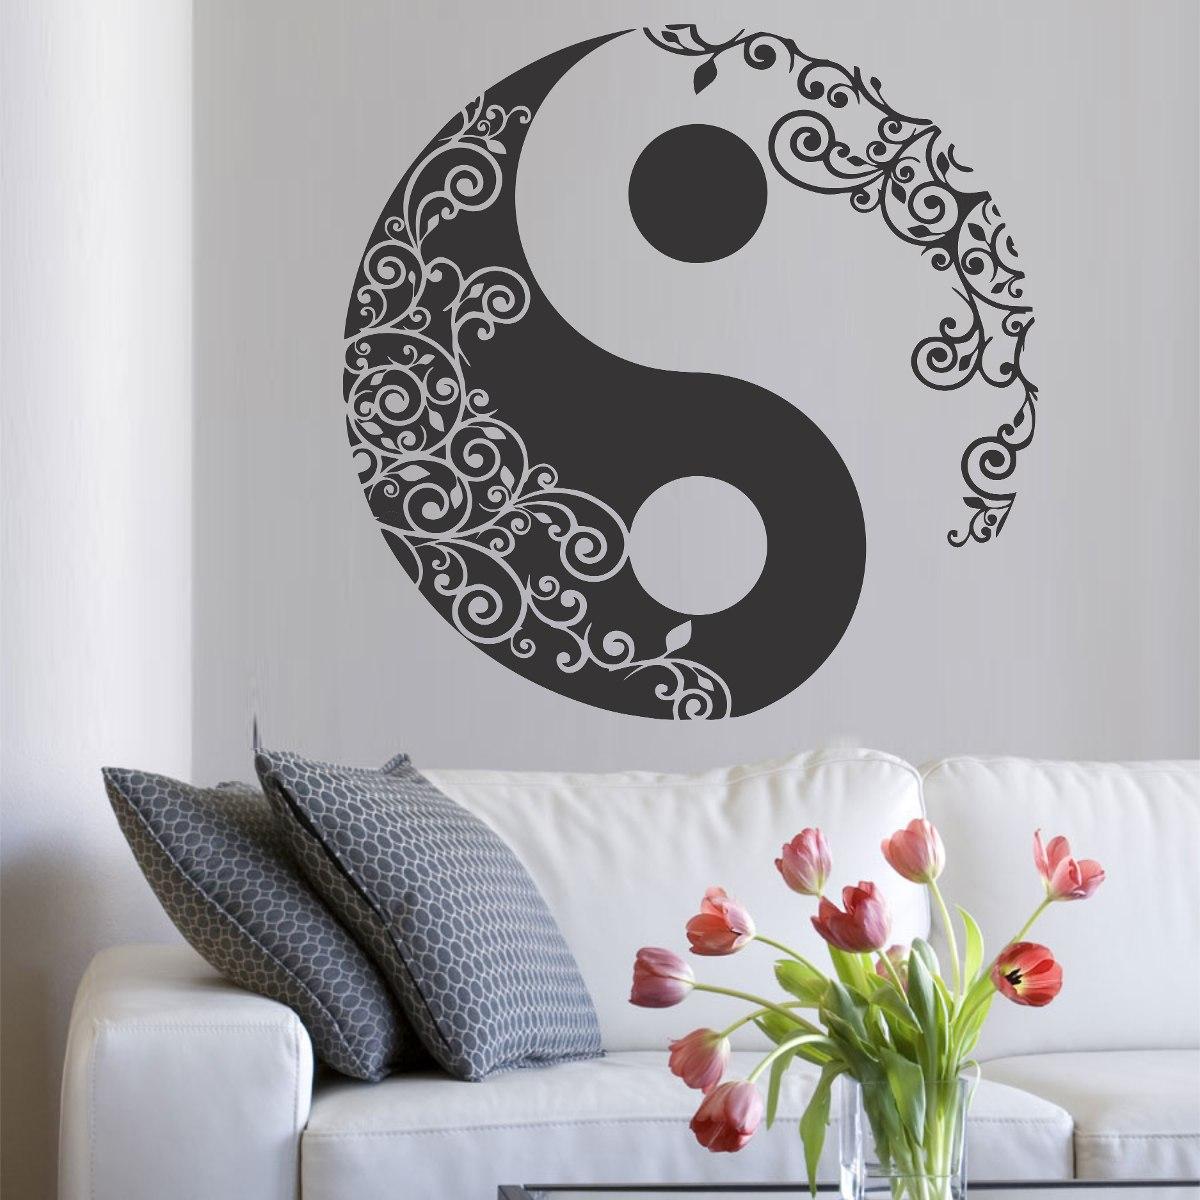 Aparador Canadá Com Tampo De Vidro ~ Adesivo Decorativo De Parede Mandalas 1x1metro R$ 69,90 em Mercado Livre